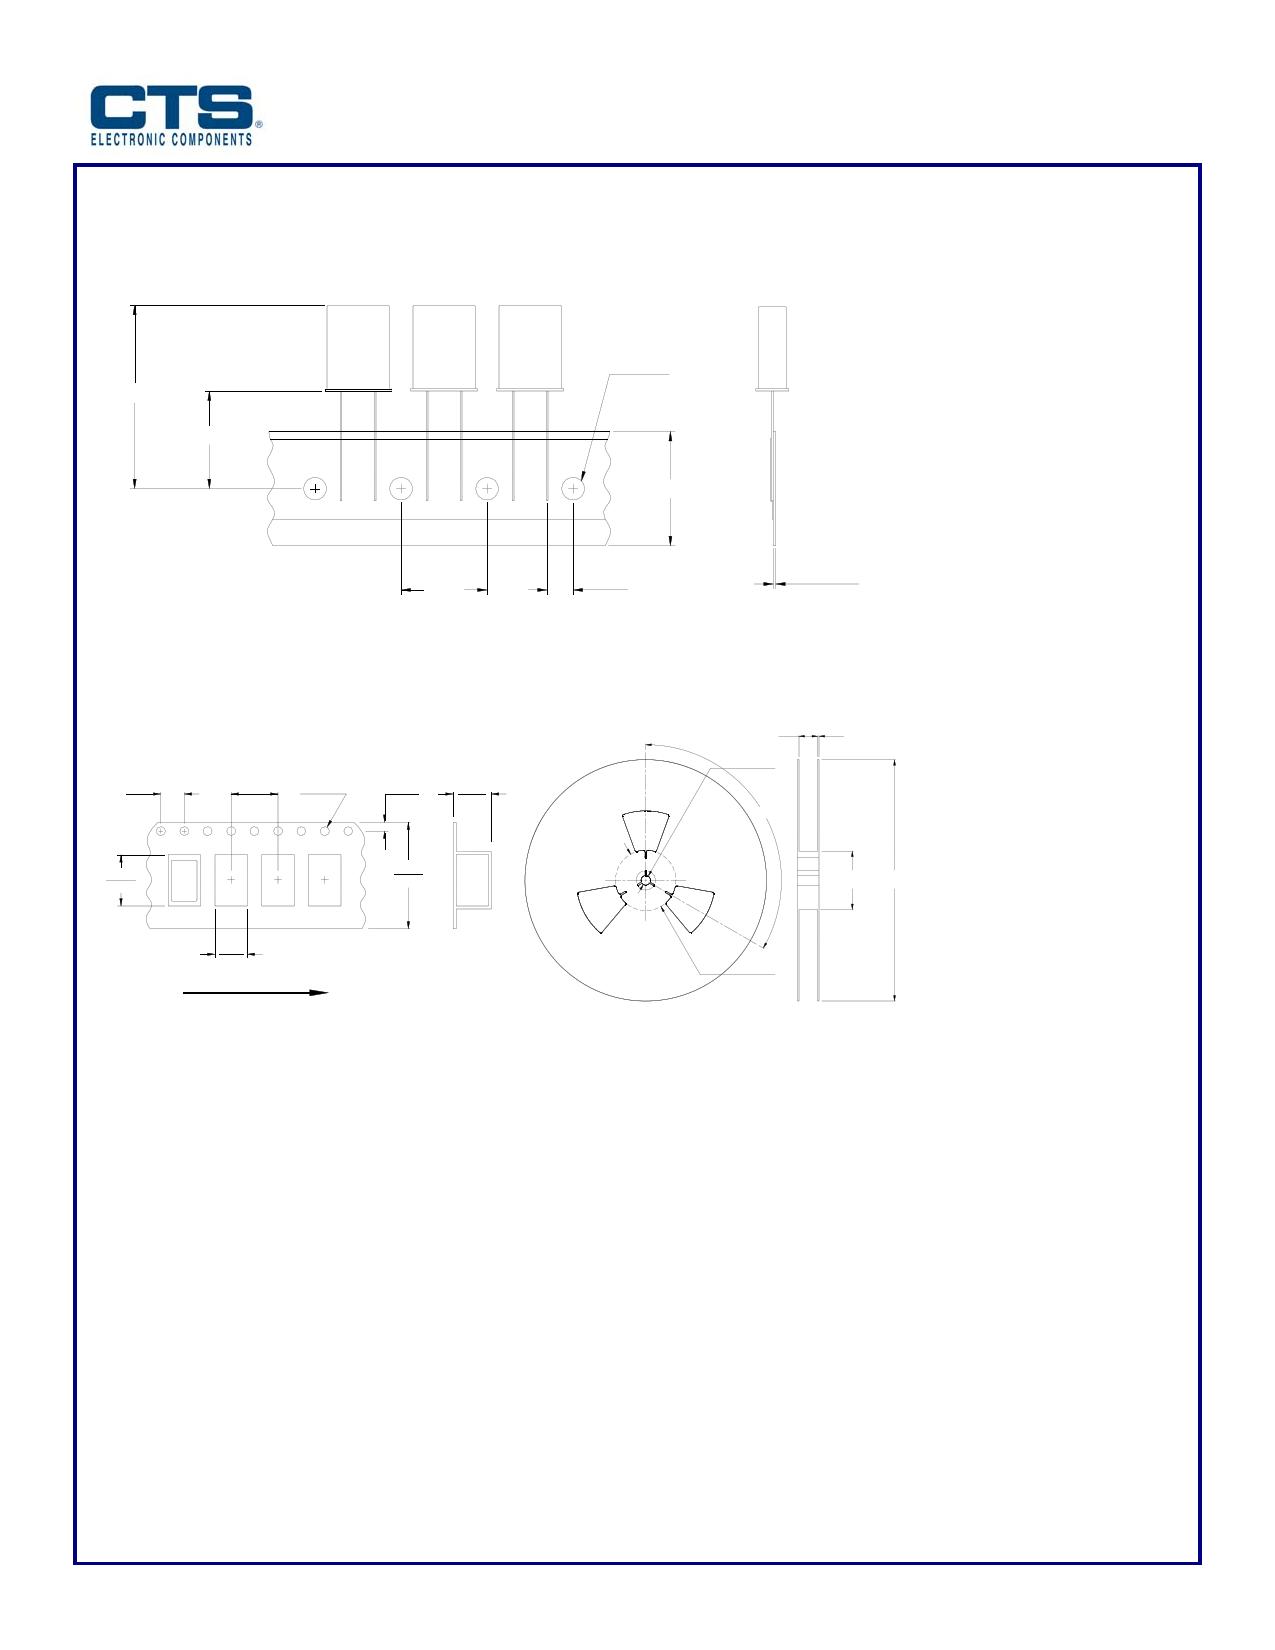 MP111C 電子部品, 半導体